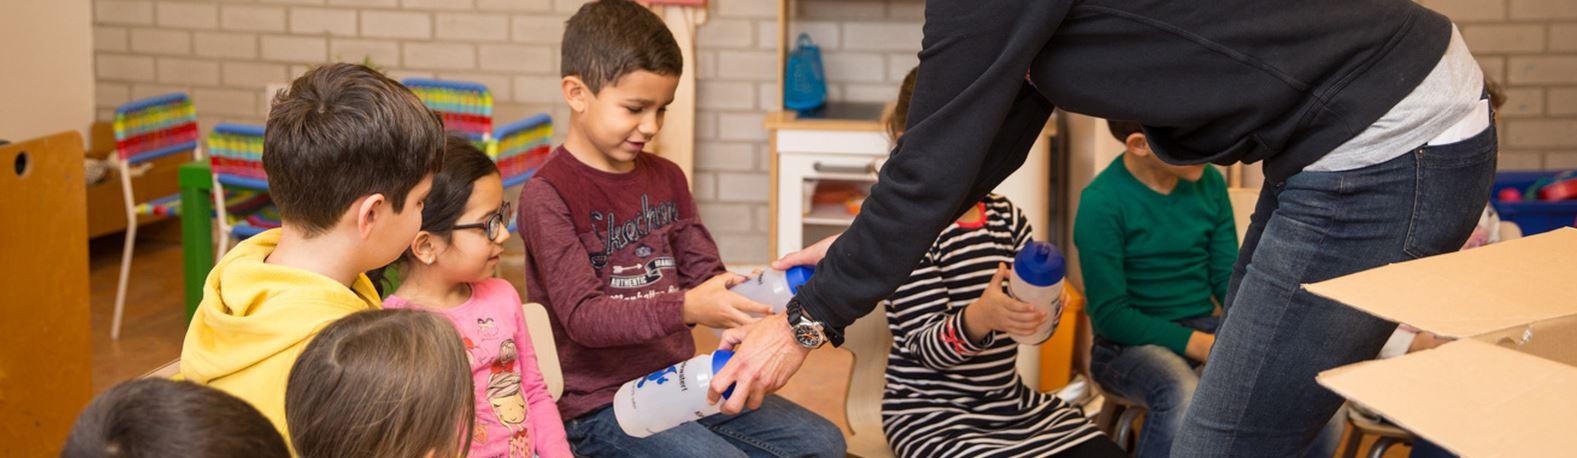 Zuiderpolder school start met Drinkwater